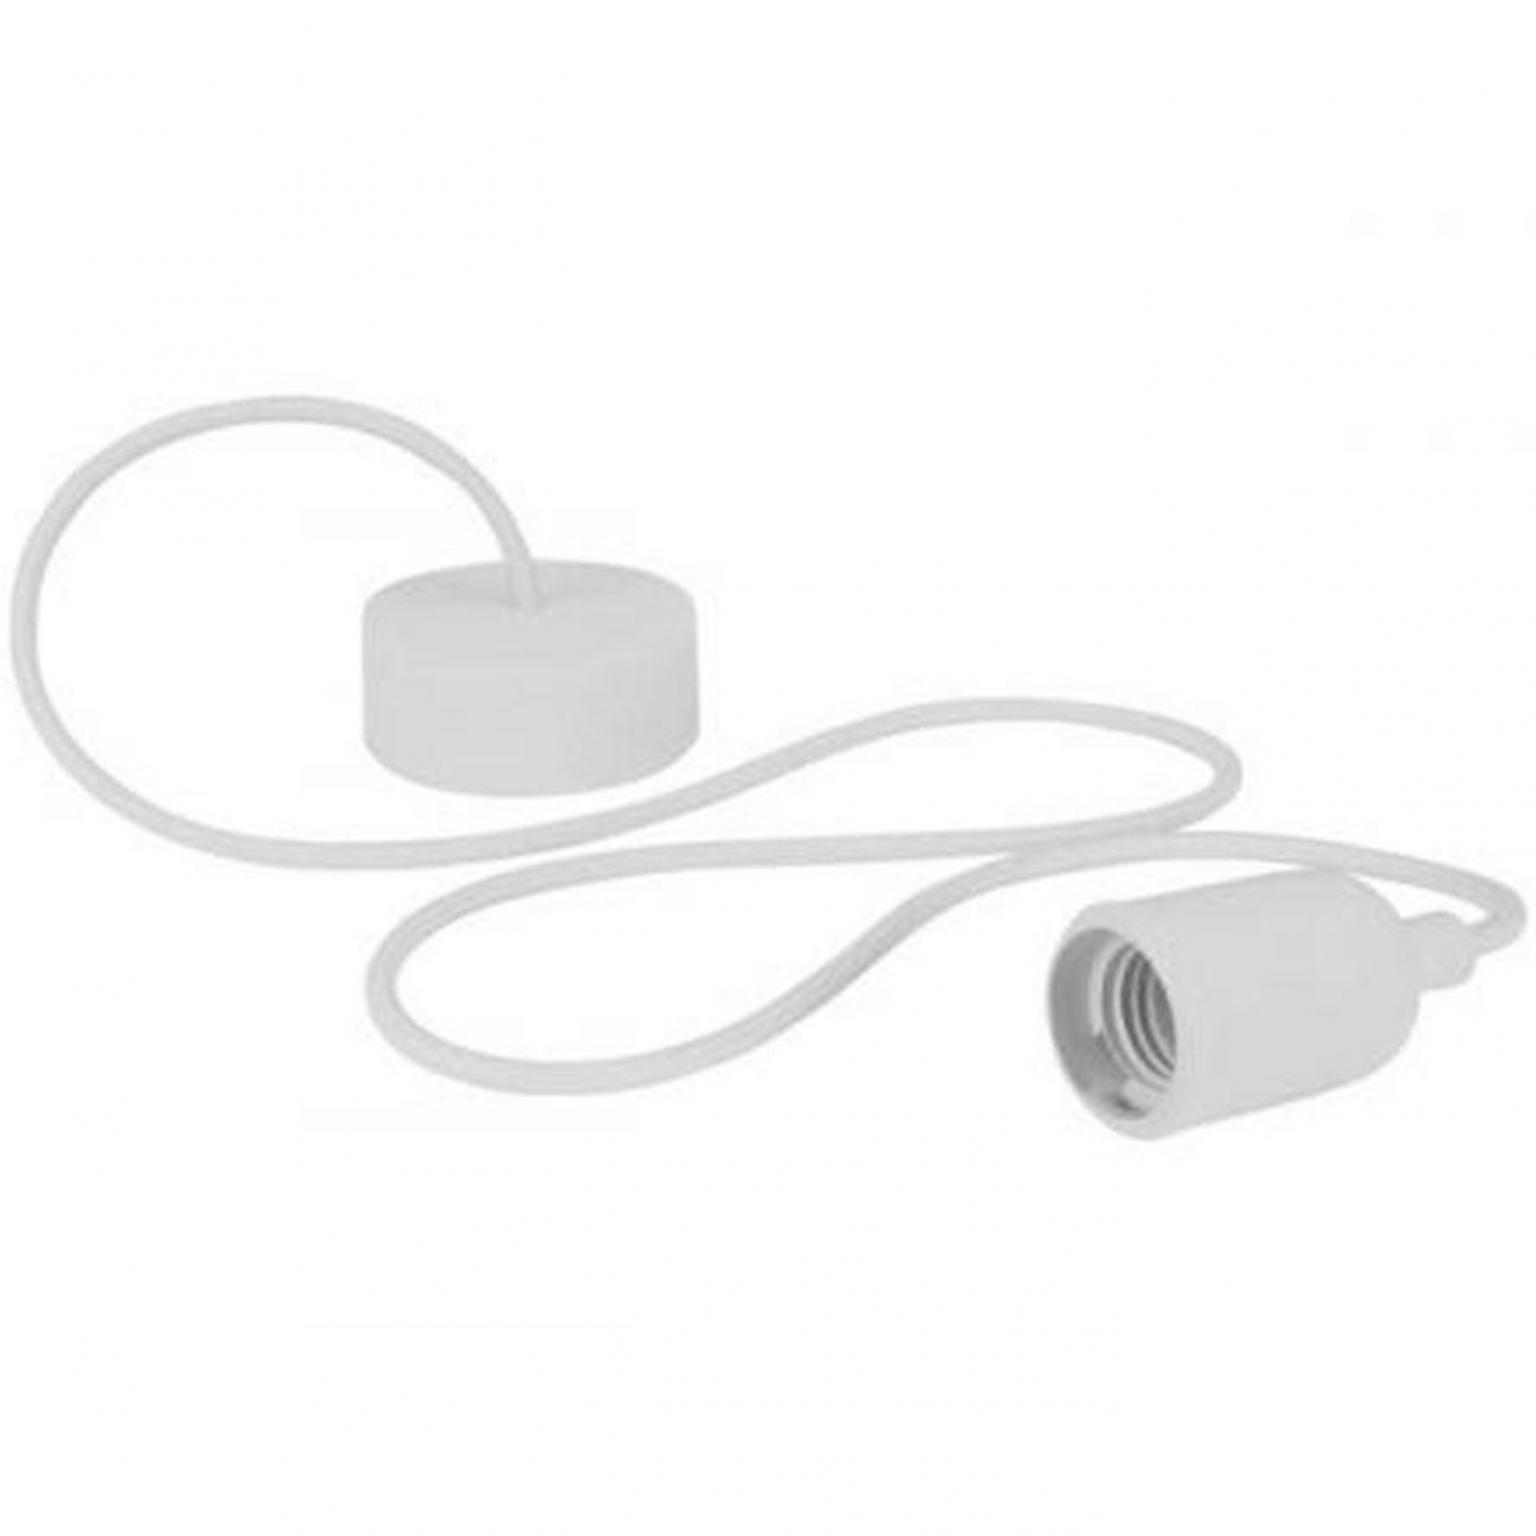 Uitzonderlijk E27 Hanglamp armatuur - Retro Wit - Hanglamp Armatuur - Wit AC36